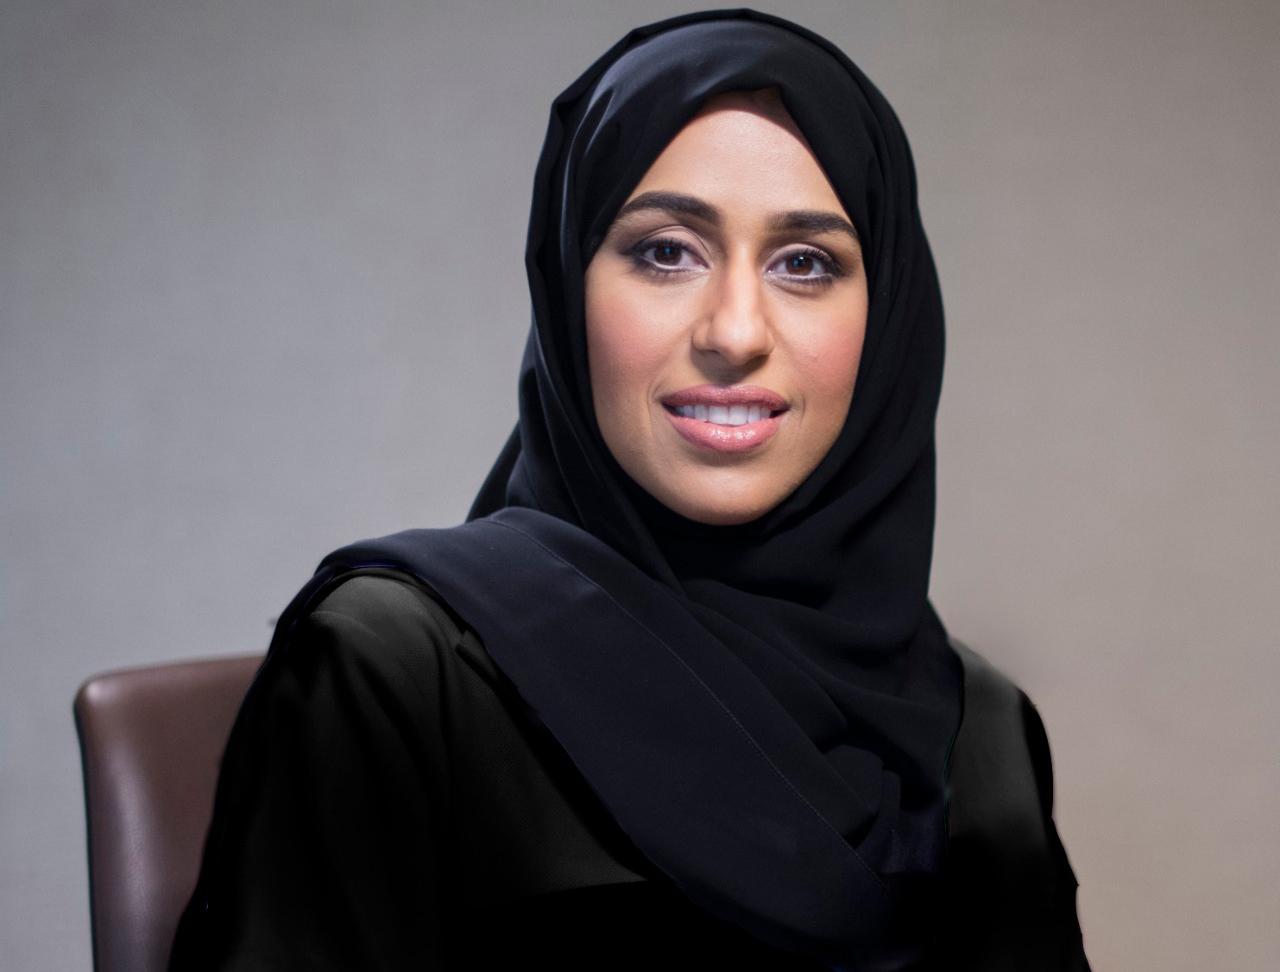 محمد بن راشد يعتمد حزمة من التعيينات الجديدة في عدد من مجالس الإدارات الاتحادية